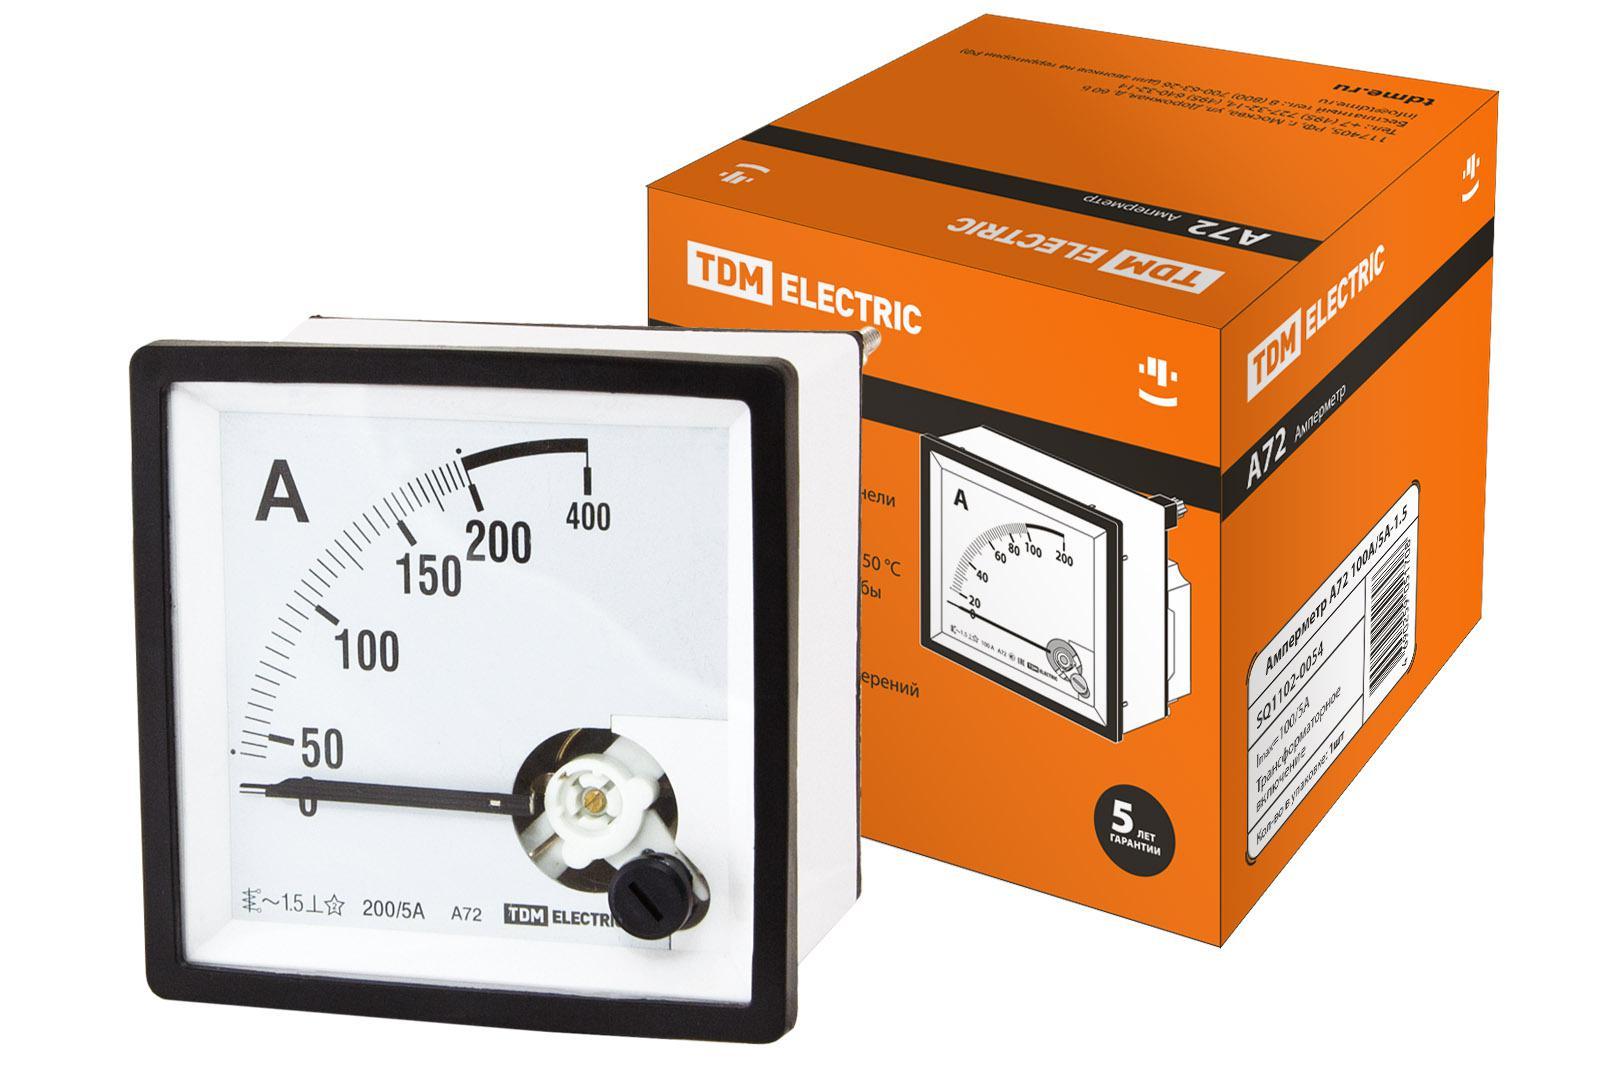 Амперметр Tdm Sq1102-0057 цены онлайн